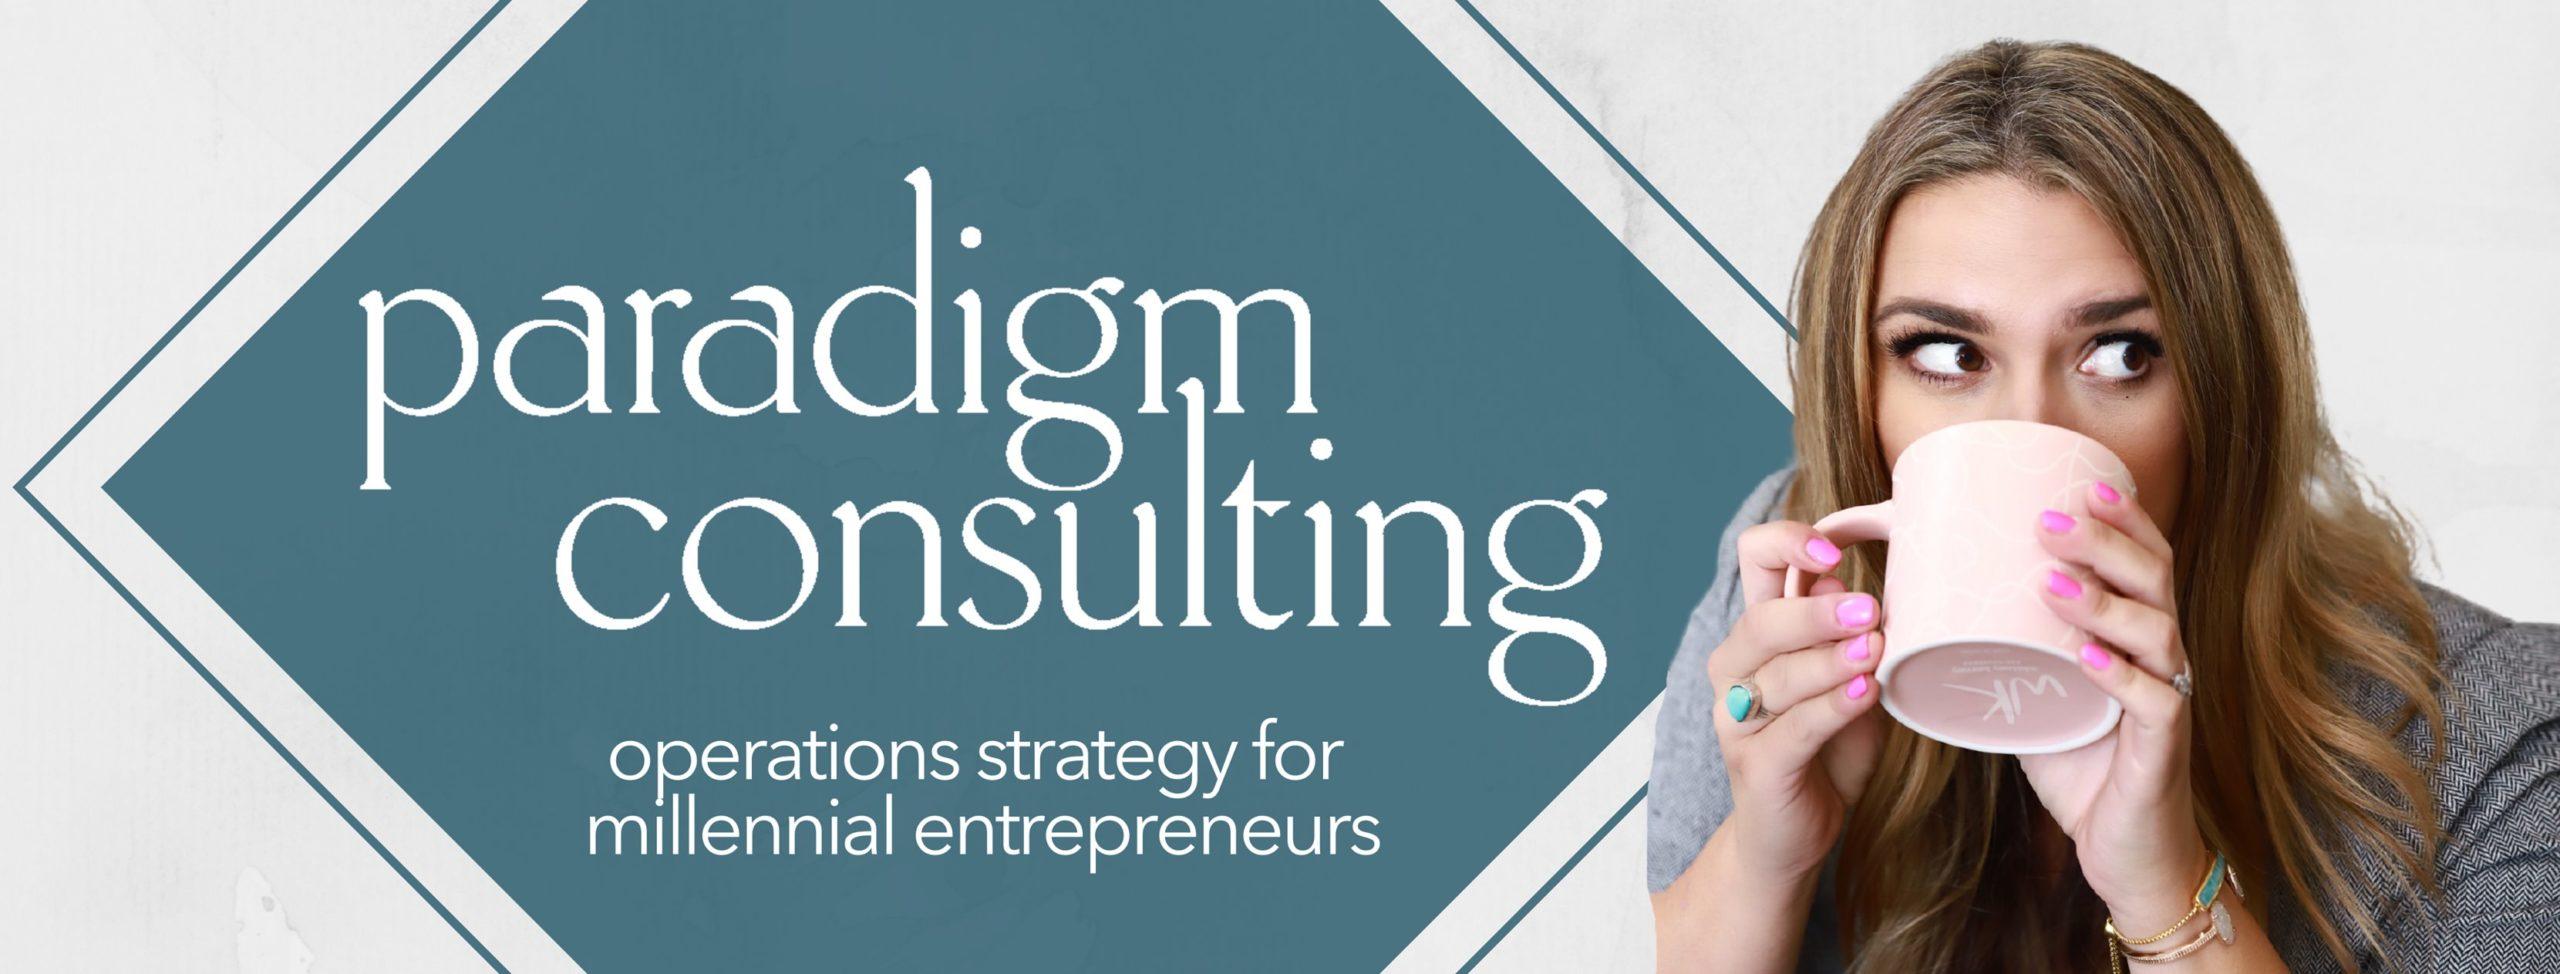 ANONM-Website--Paradigm-Consulting_10